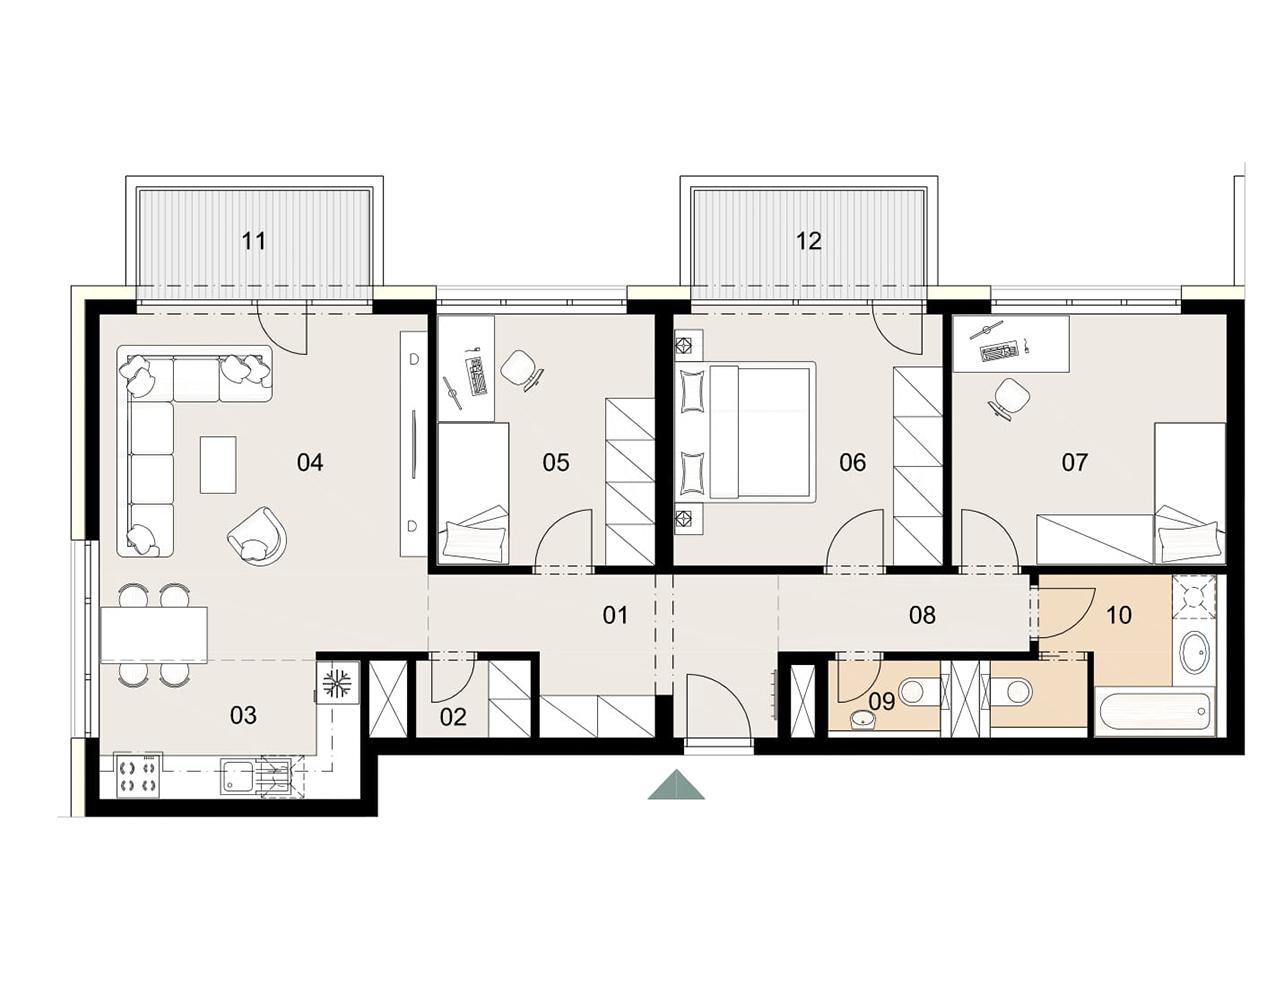 Rosenhaus byt 508, 4-izbový. Novostavba Vrakuňa.